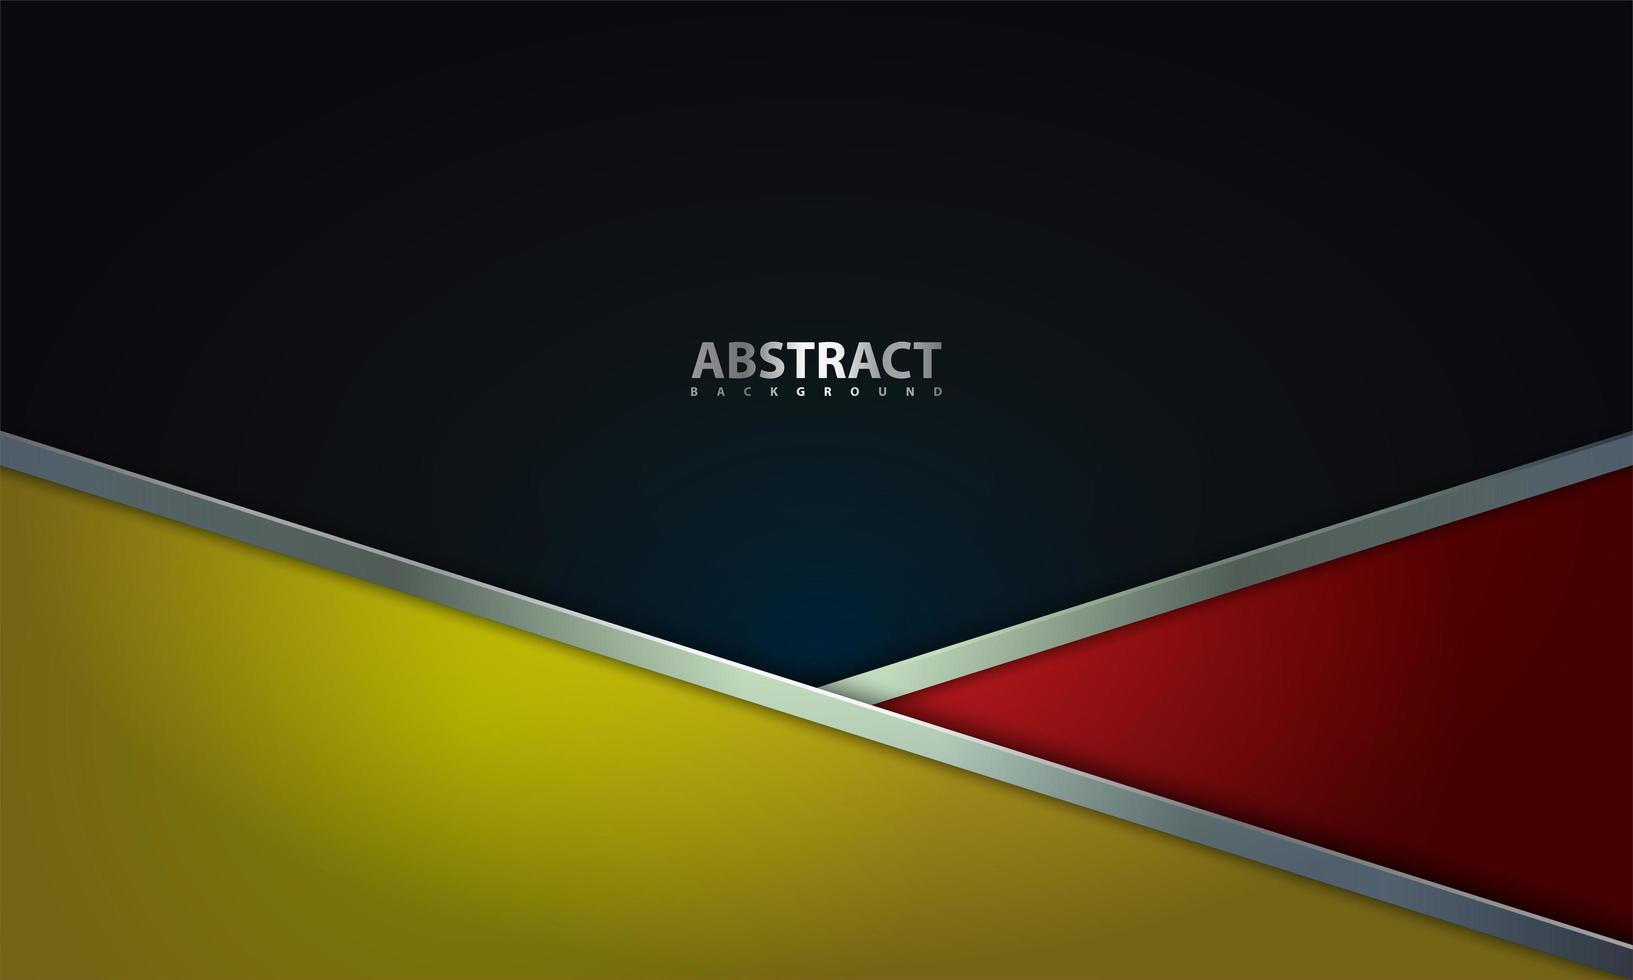 design de camada vermelha, amarela e preta de estilo moderno vetor